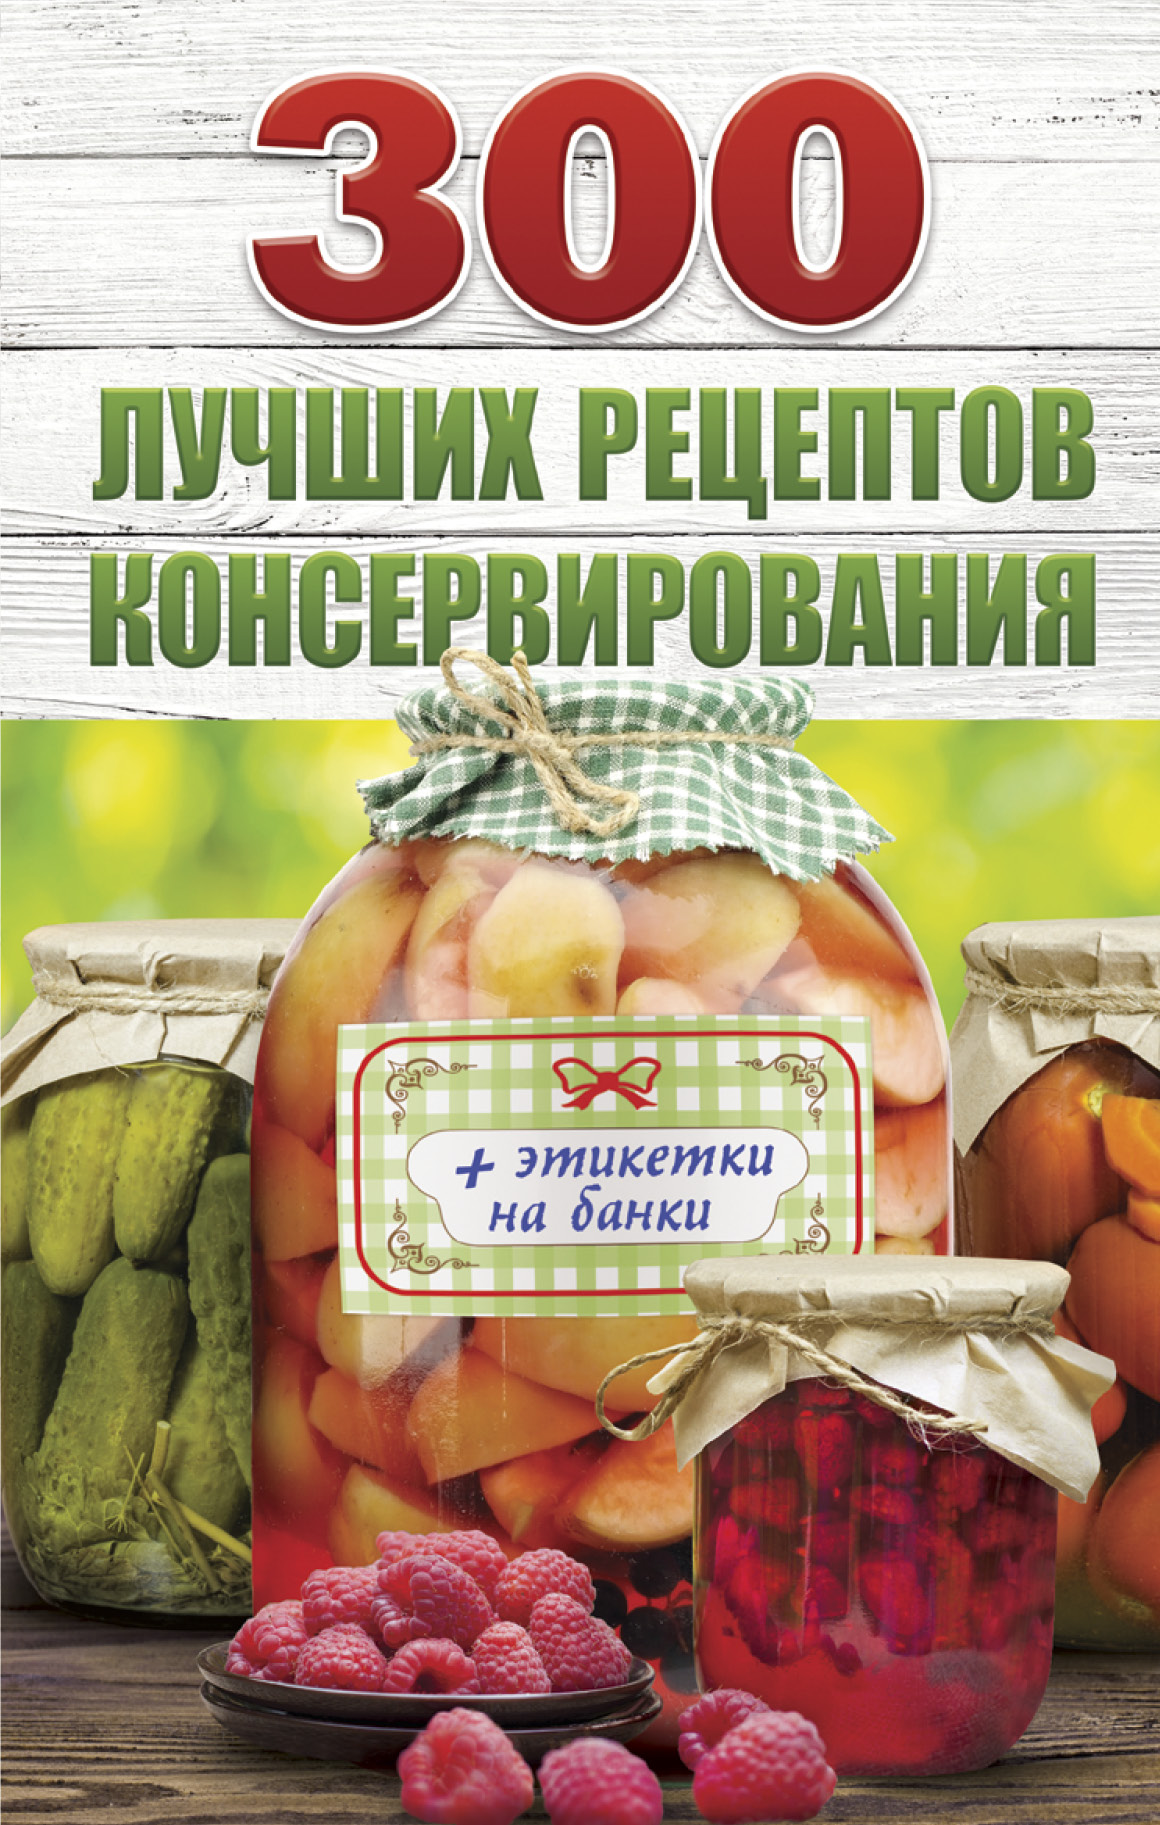 300 лучших рецептов консервирования + этикетки на банки ( Рошаль В.М.  )